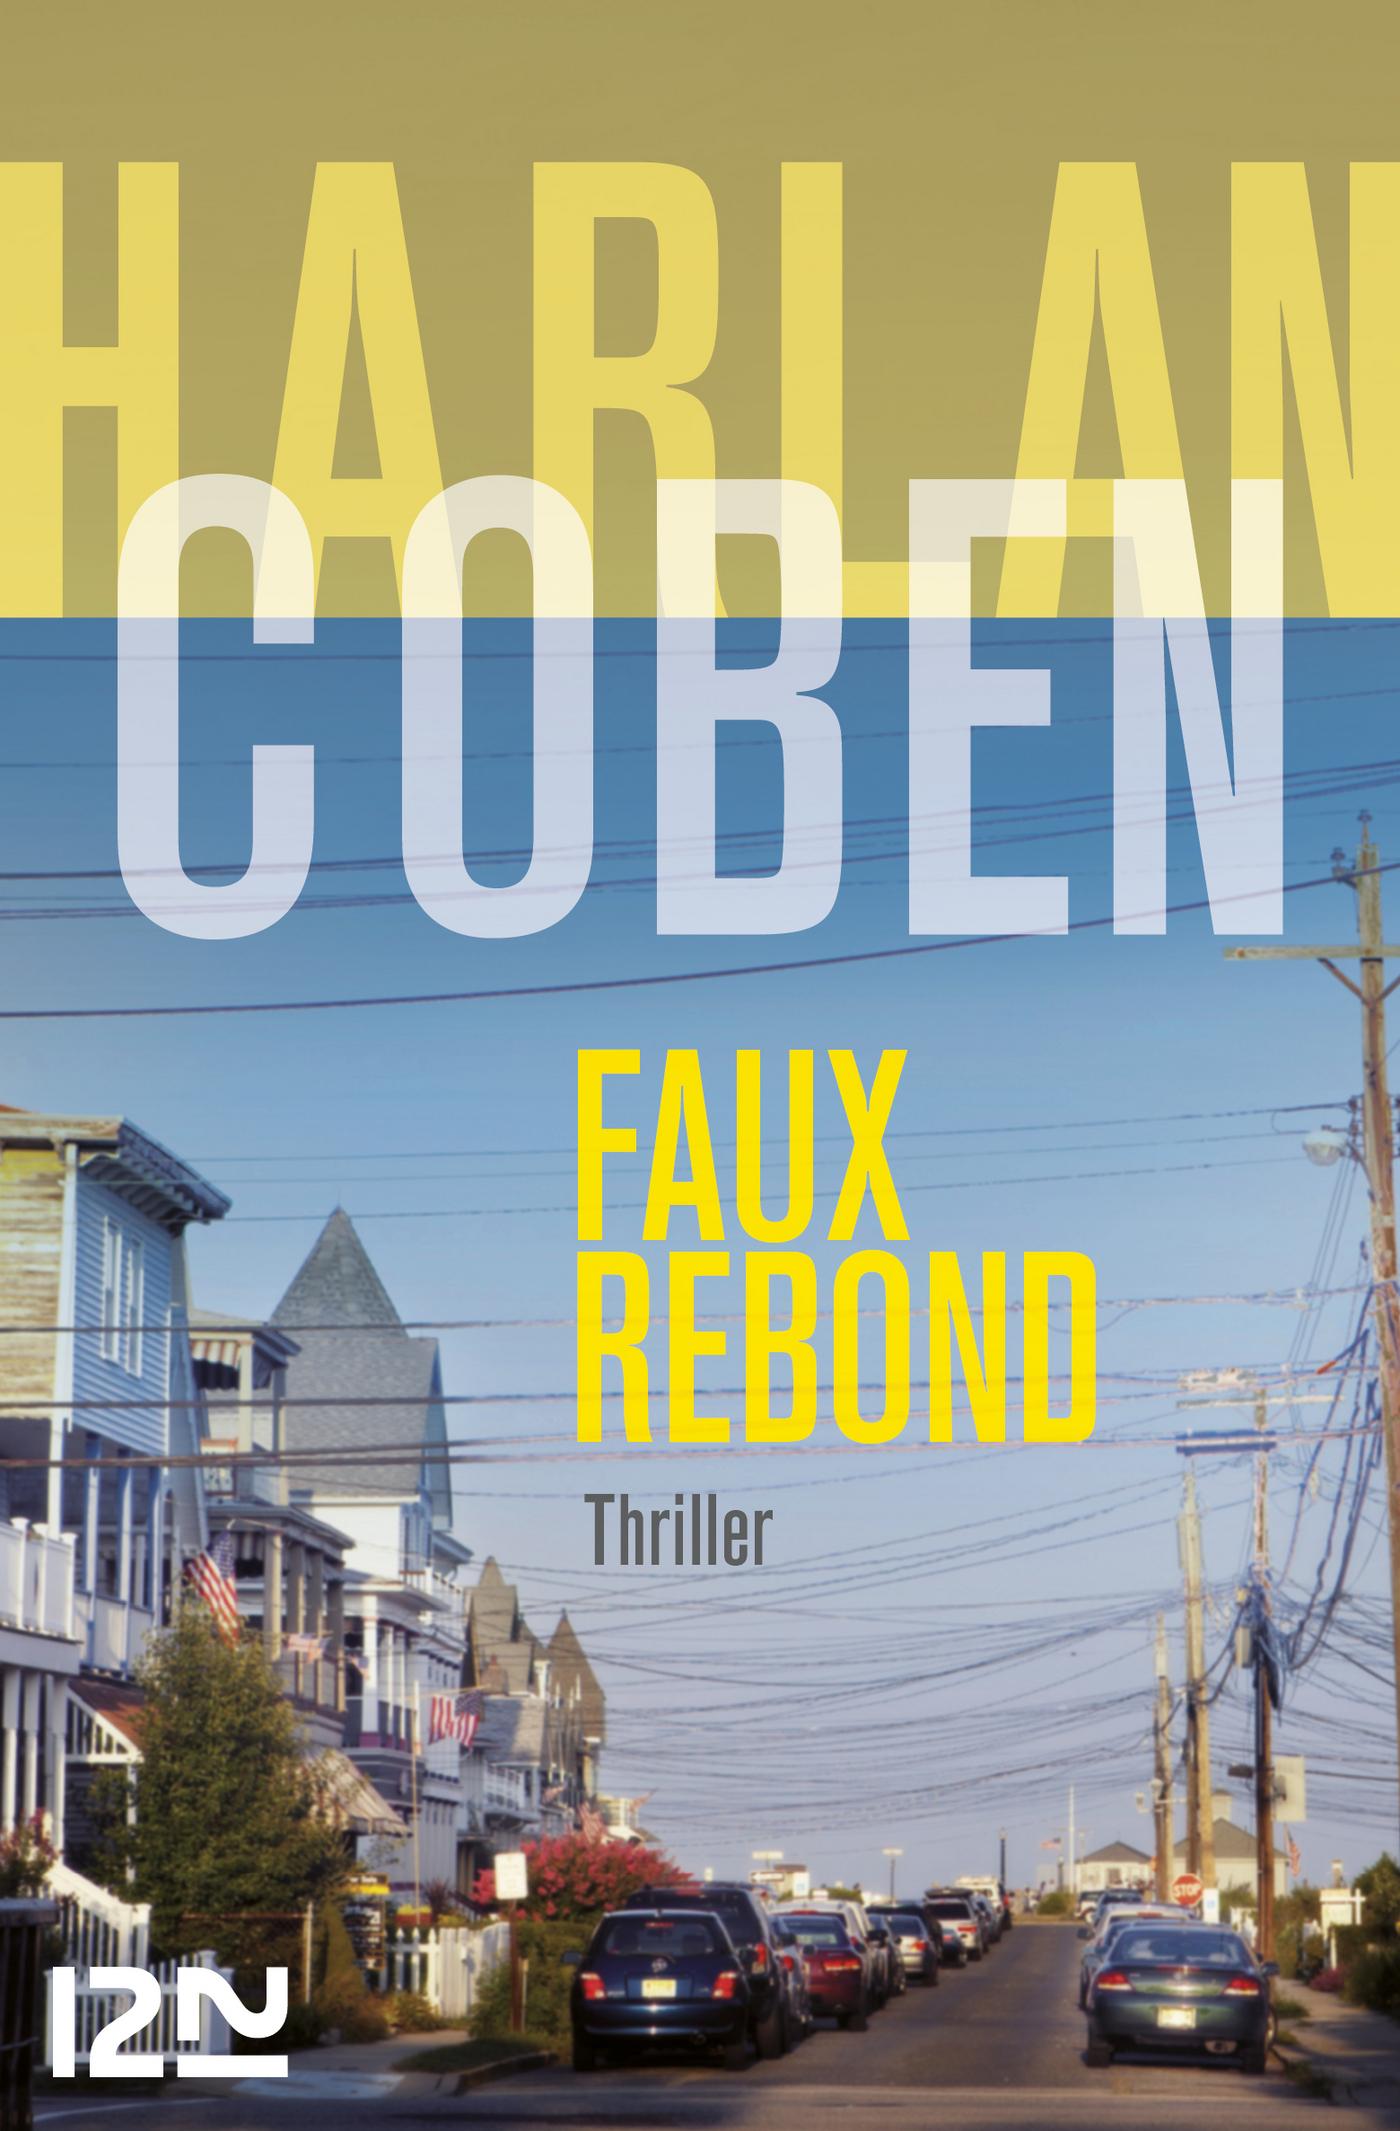 Faux rebond | COBEN, Harlan